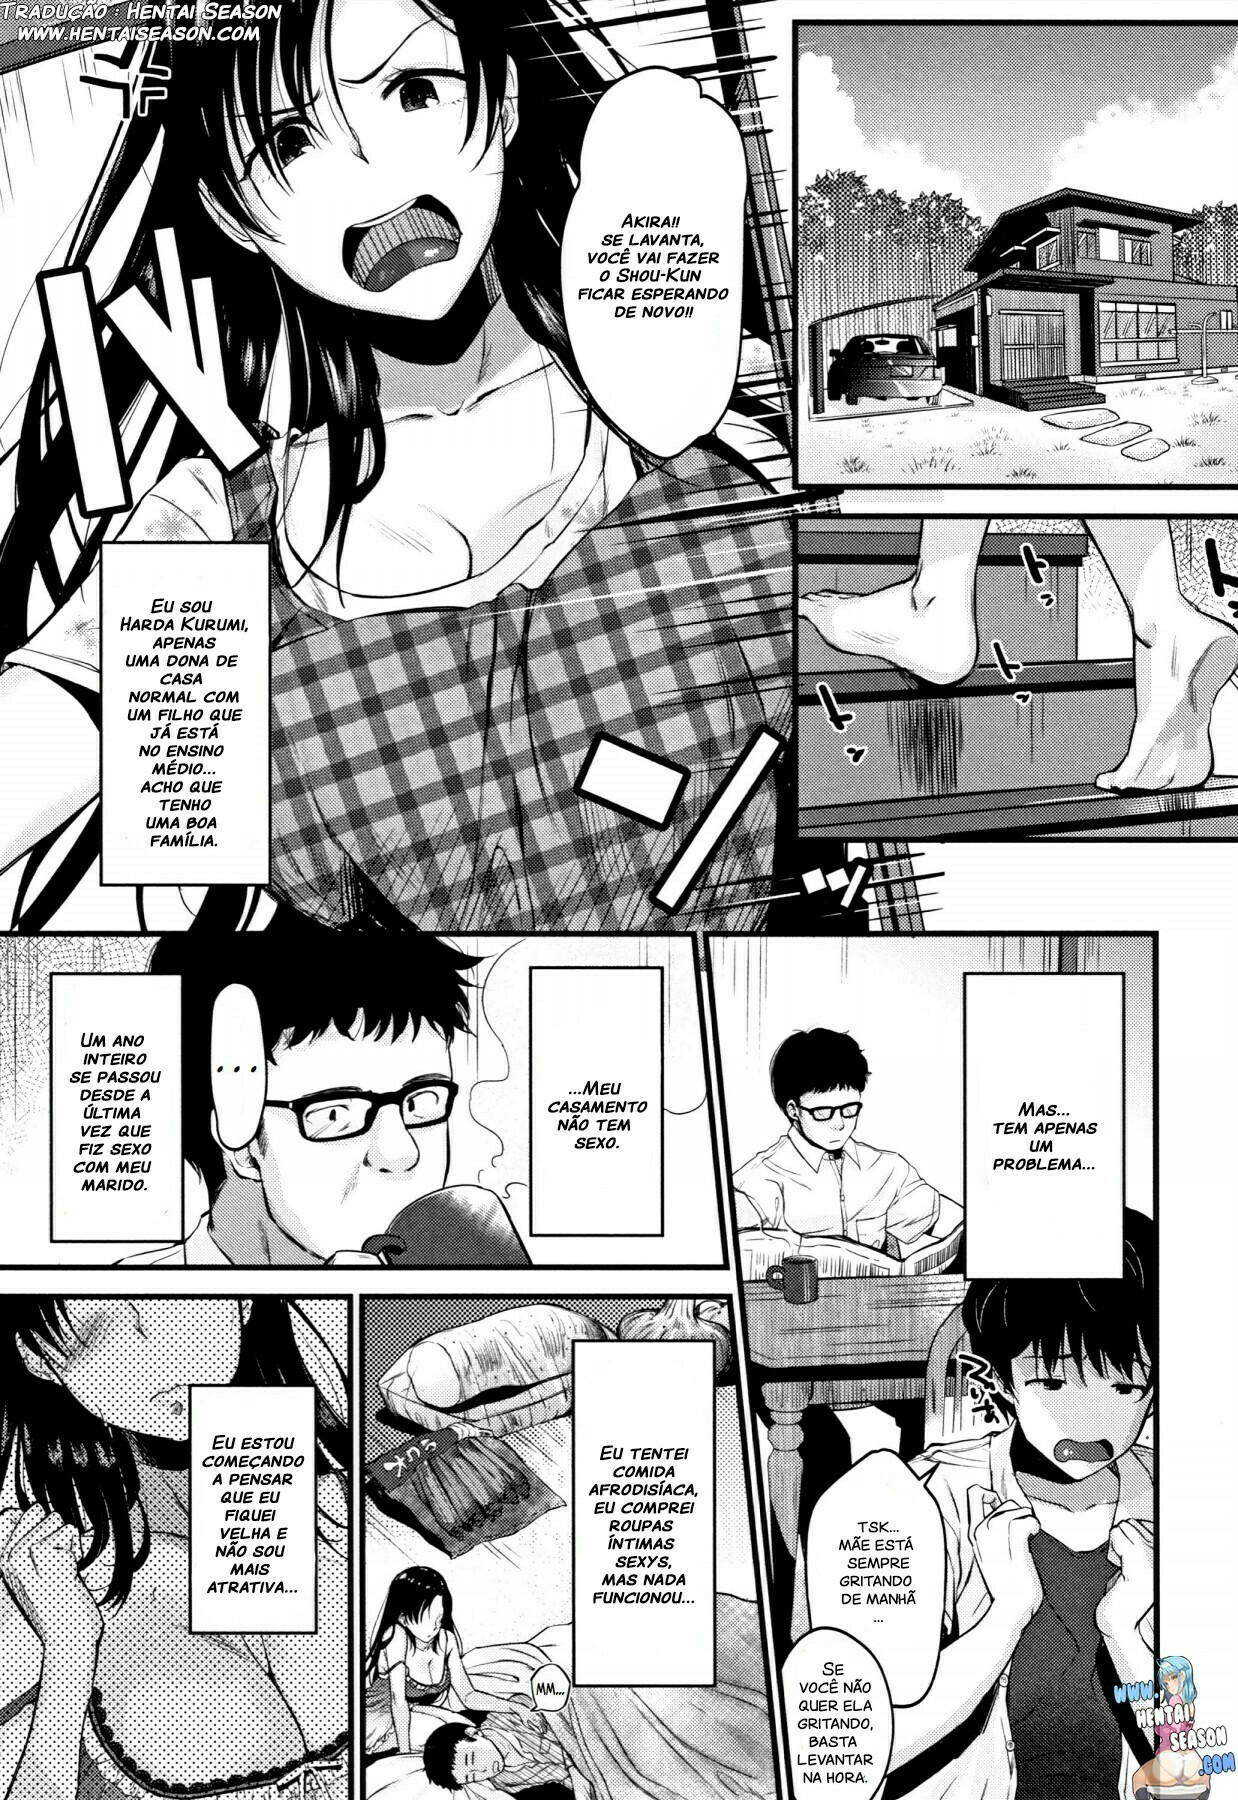 Kyonyuu Mama no Onayami Kaiketsu Saku!